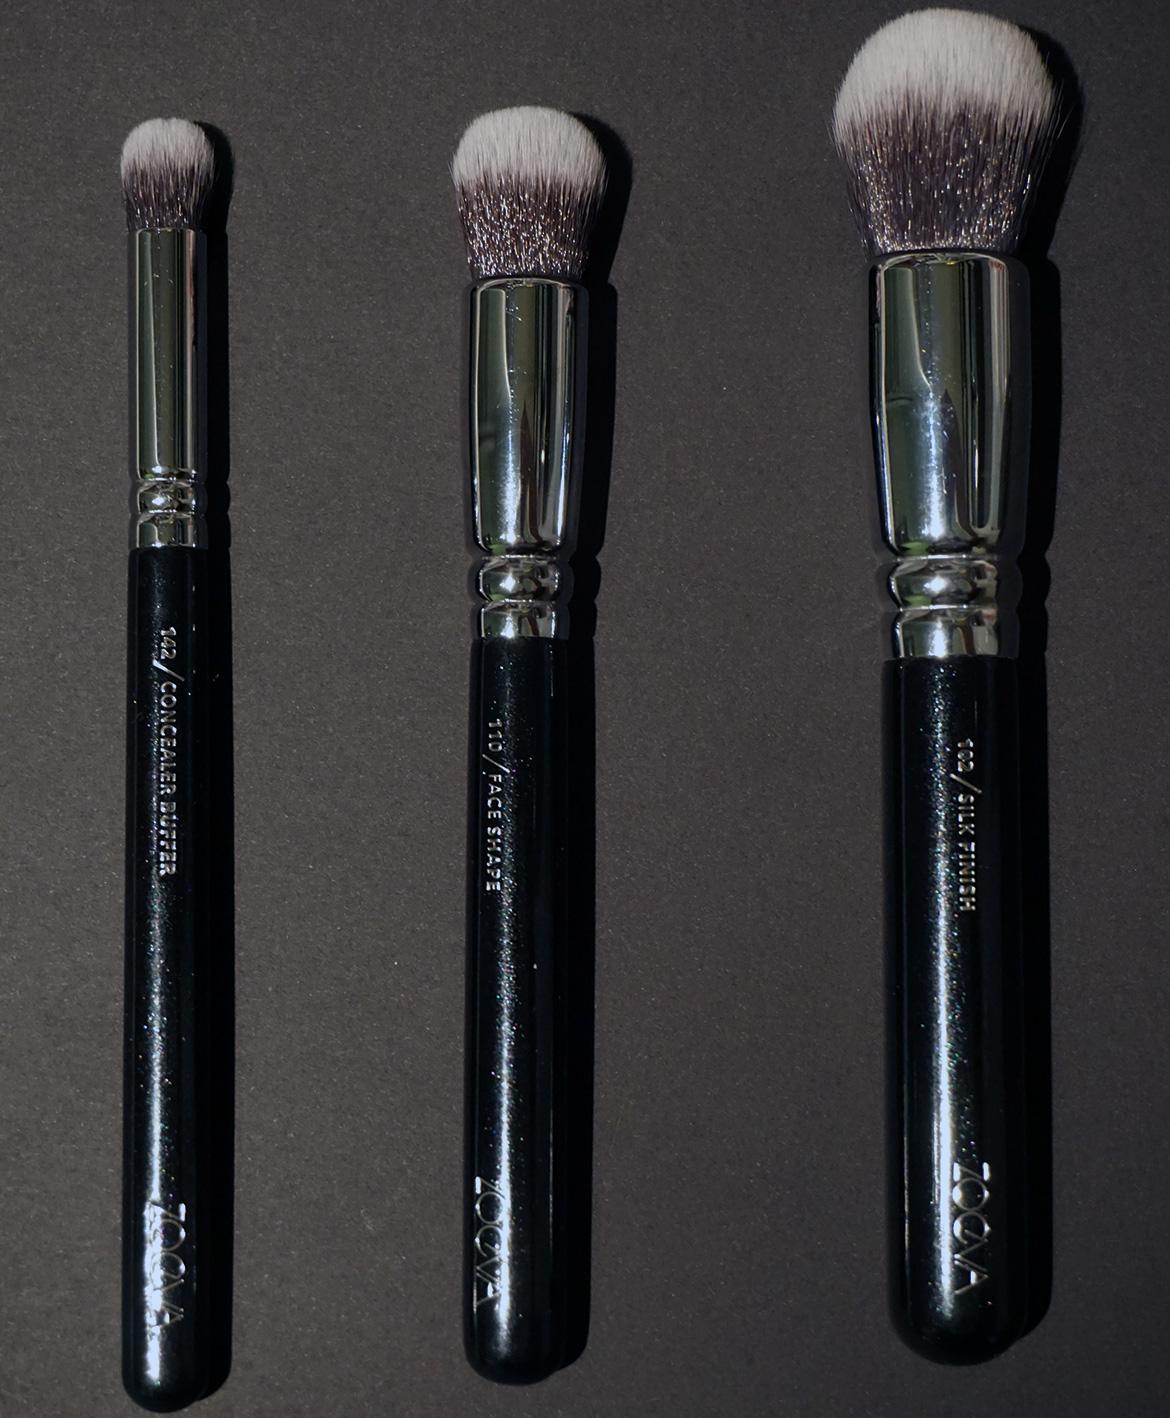 zoeva-brushes-small-brushes